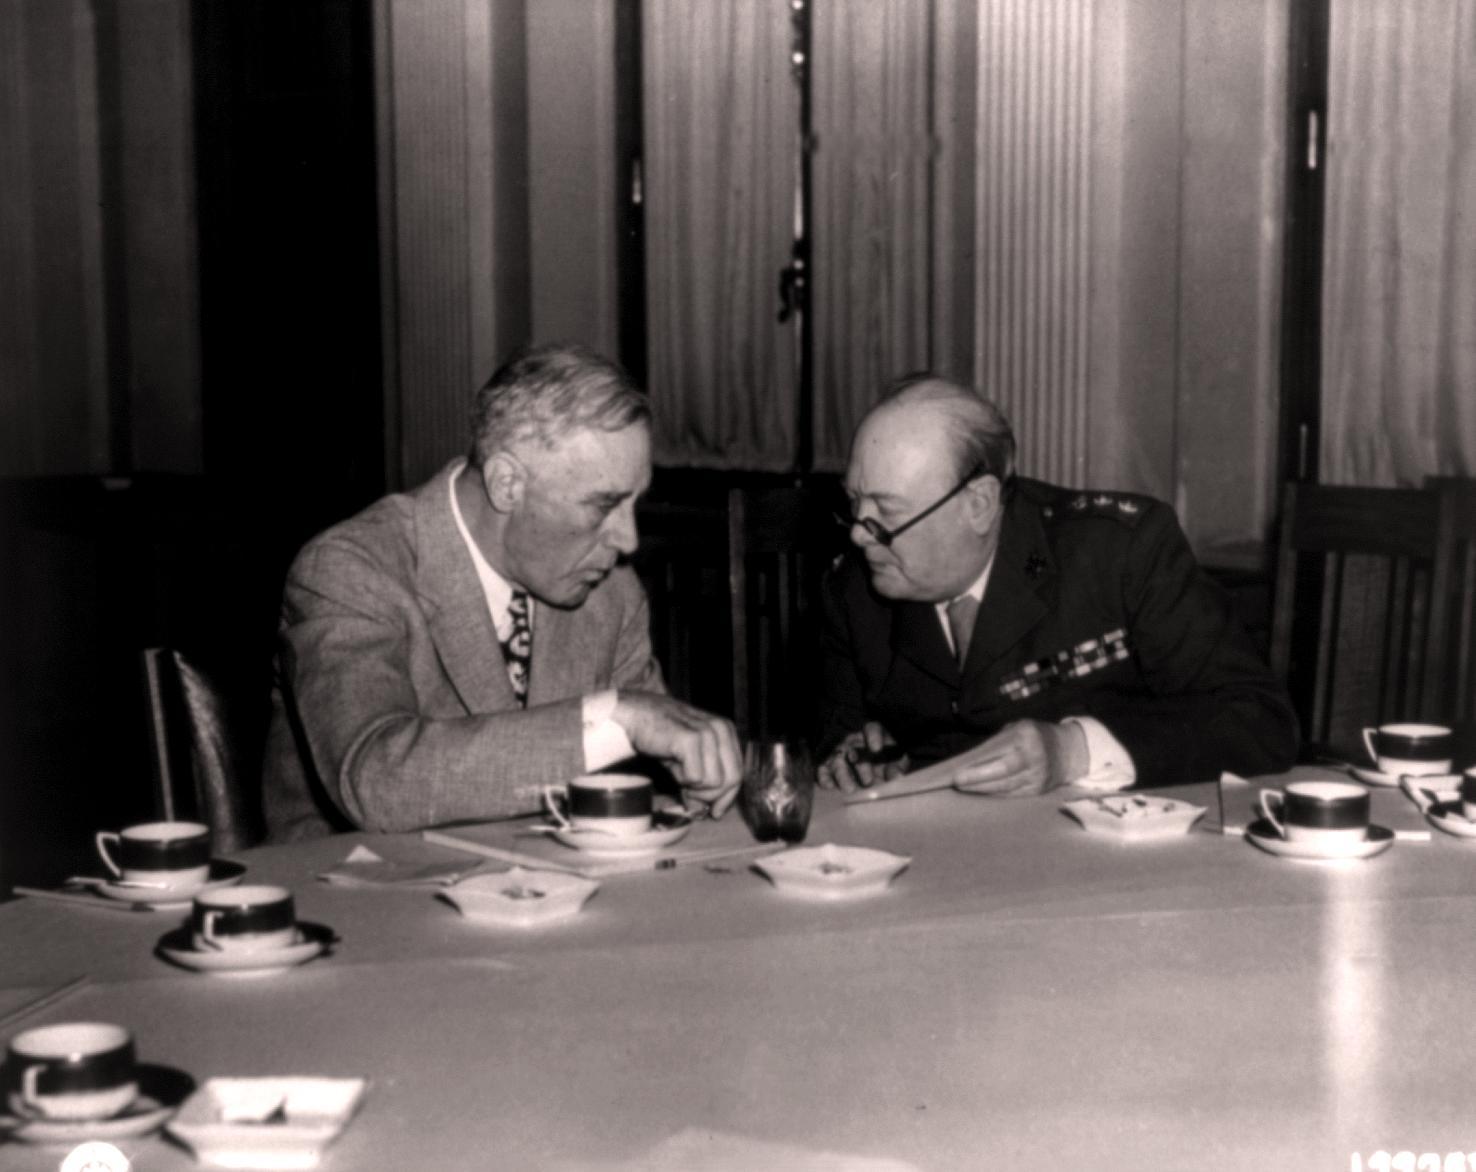 Президент Франклин Рузвельт и премьер-министр Уинстон Черчилль обсуждают послевоенную реорганизацию Европы в Ливадийском дворце